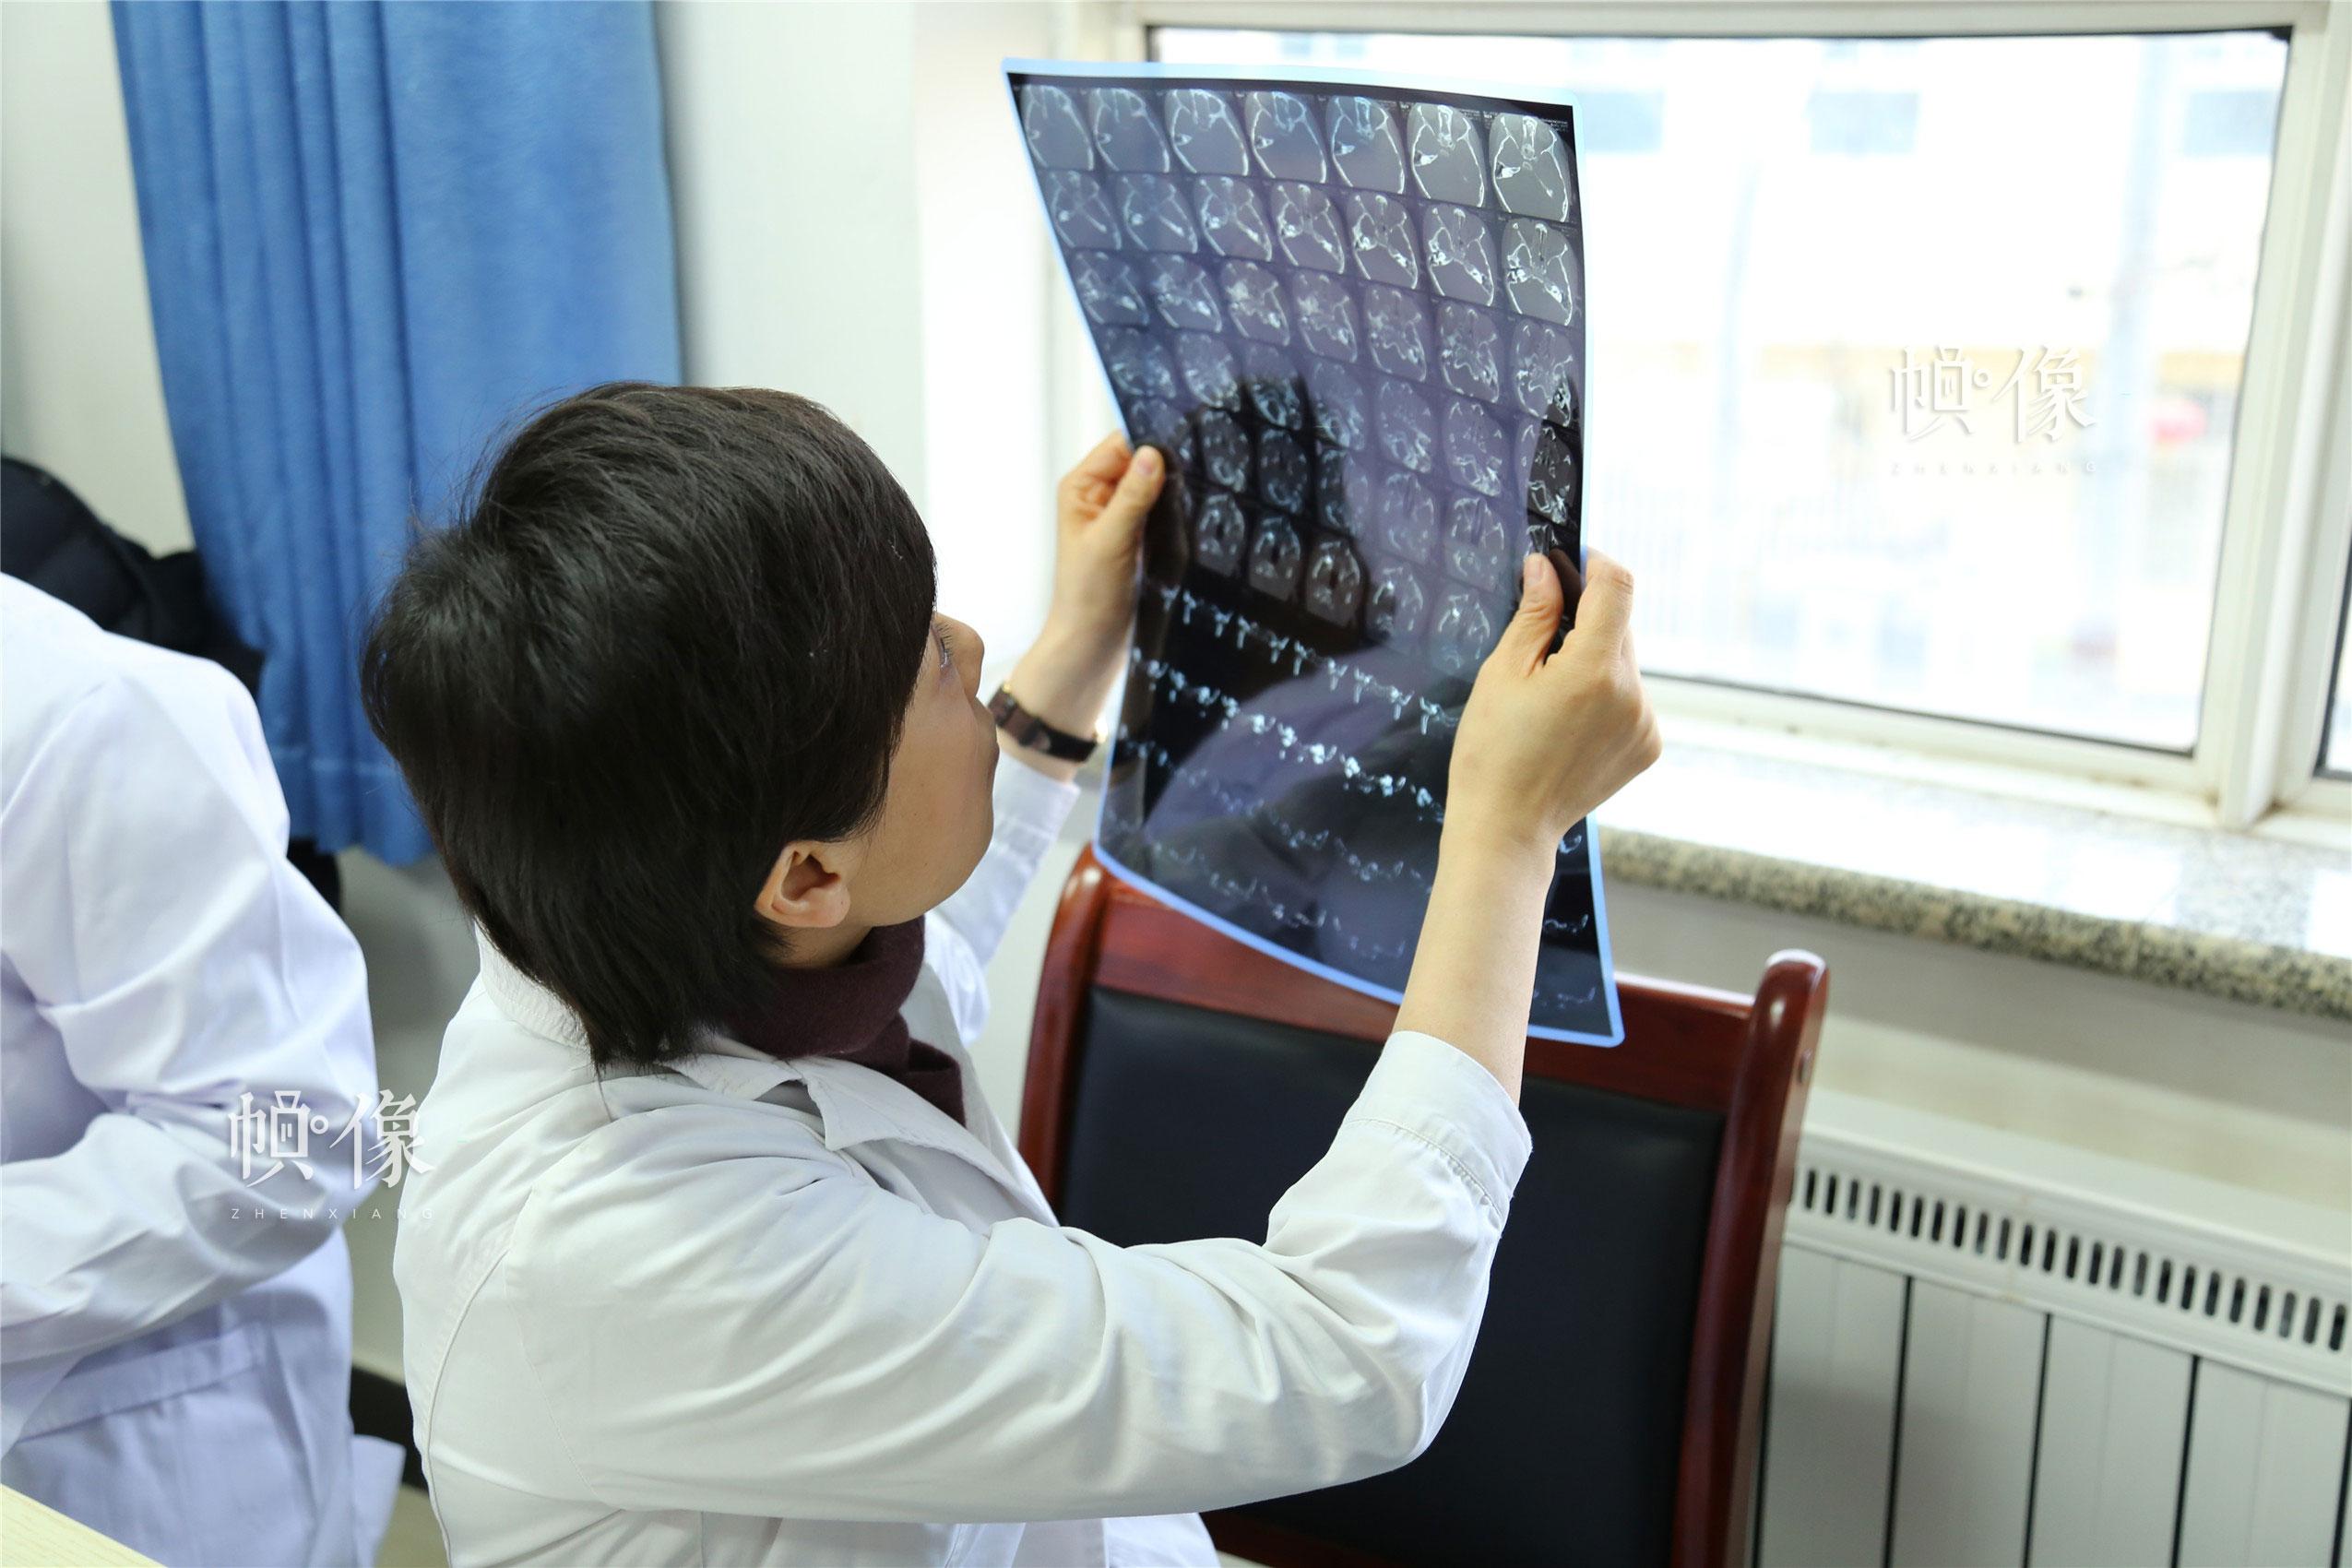 2018年1月21日,甘肃省陇南市西和县,首都医科大学附属北京儿童医院耳鼻咽喉头颈外科科主任、主任医师张杰在看片子。中国网实习记者 李逸奇 摄